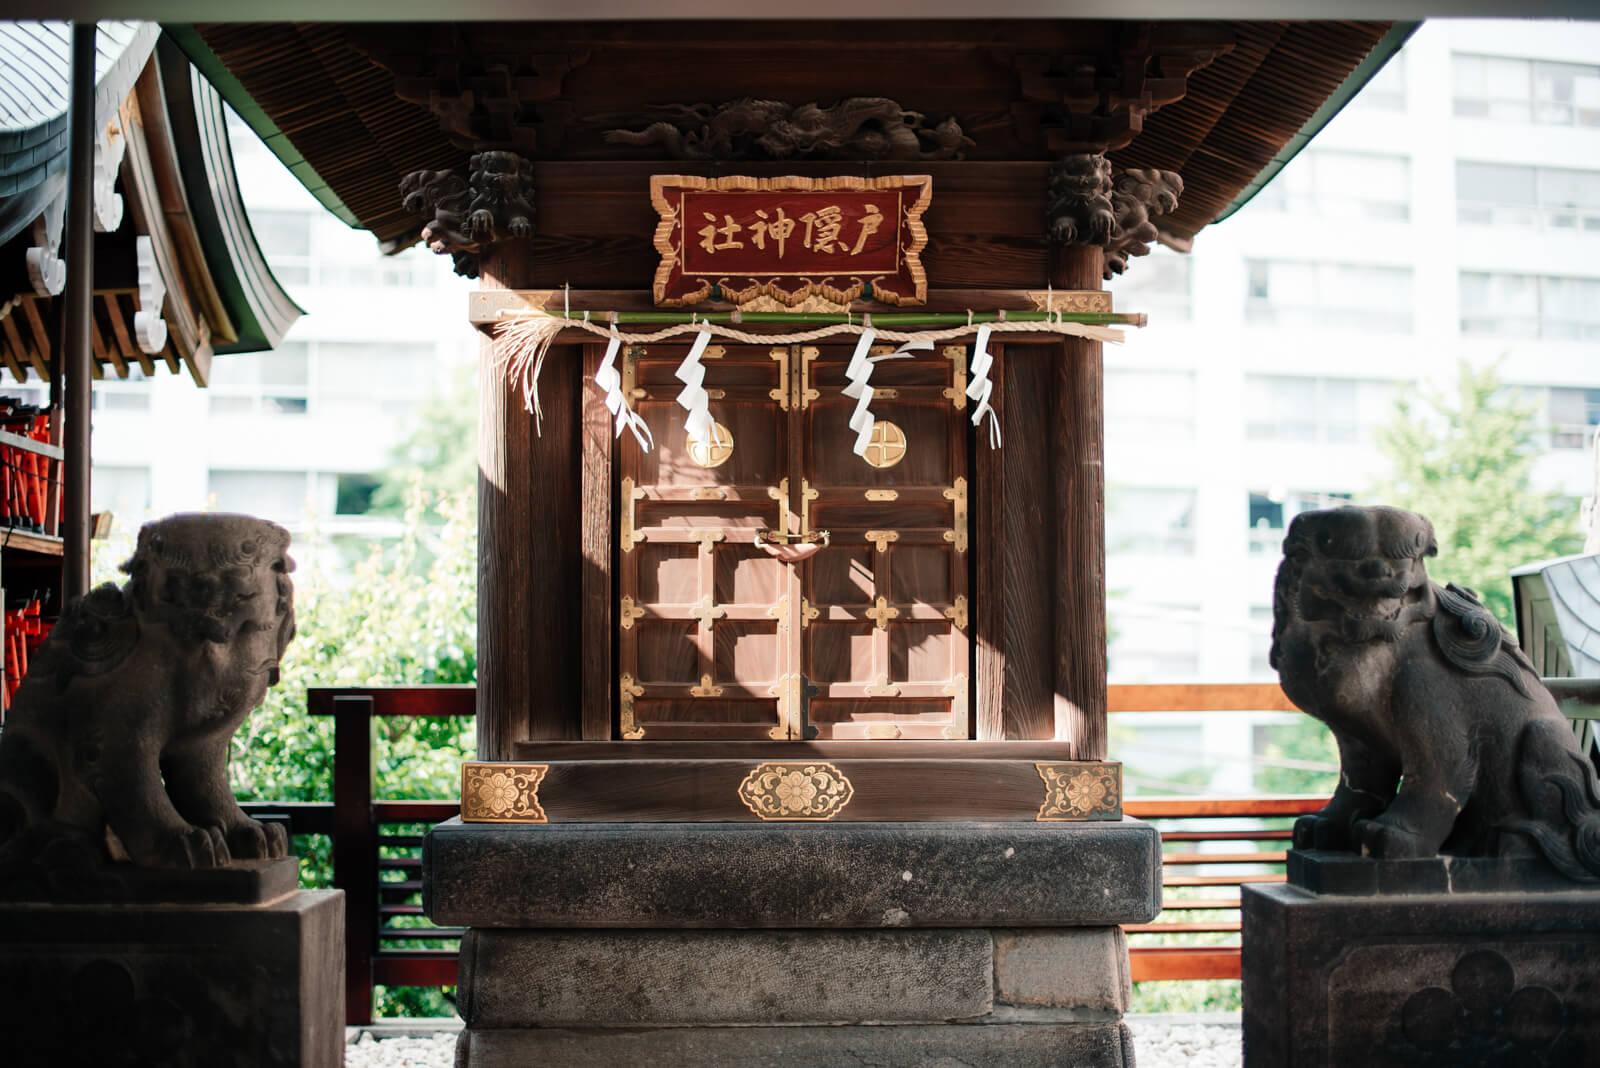 湯島天満宮 湯島天神 湯島神社 学問 戸隠神社